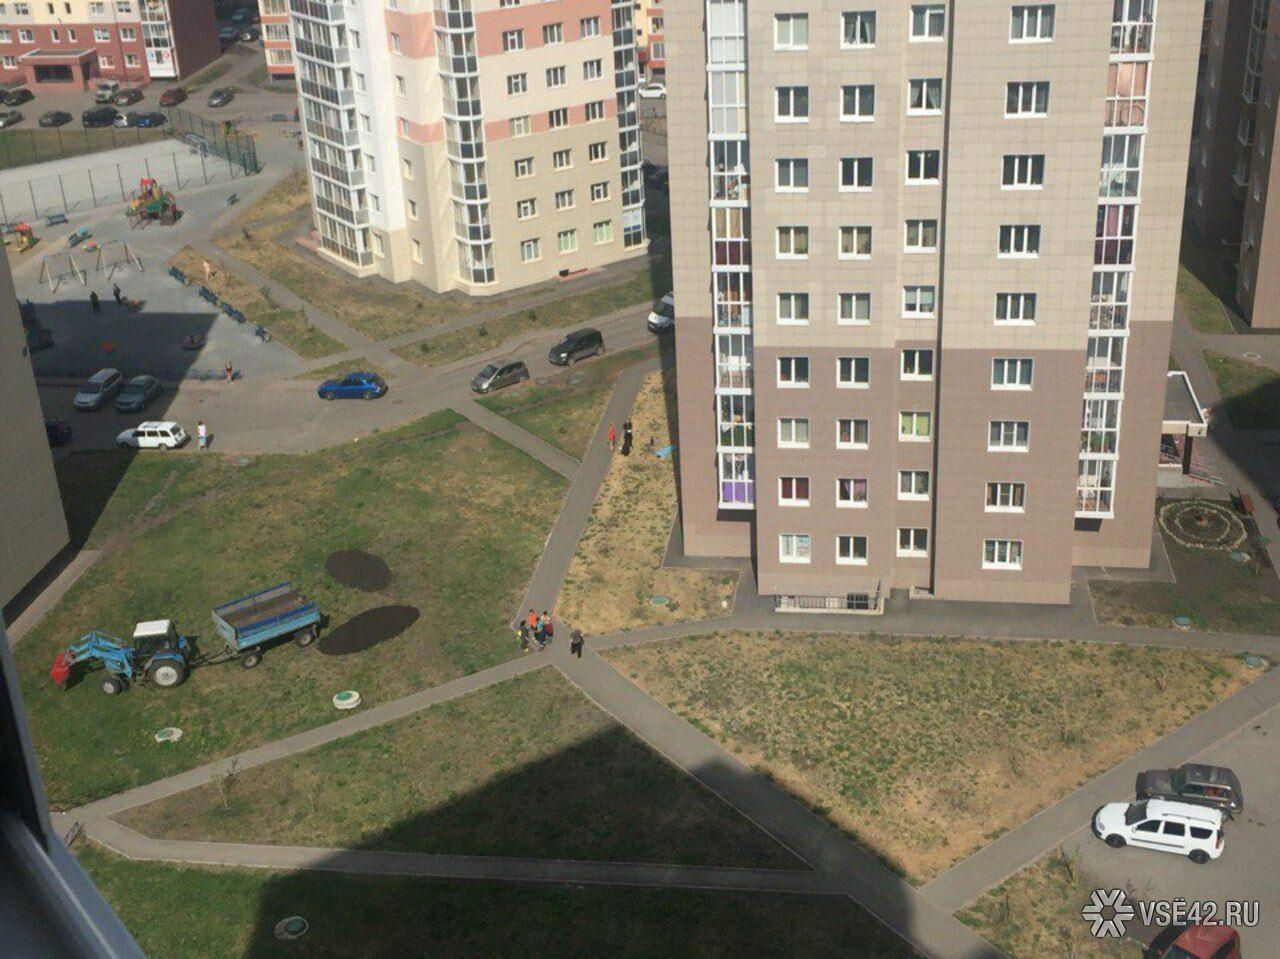 ВКемерове с11 этажа выбросилась молодая мать